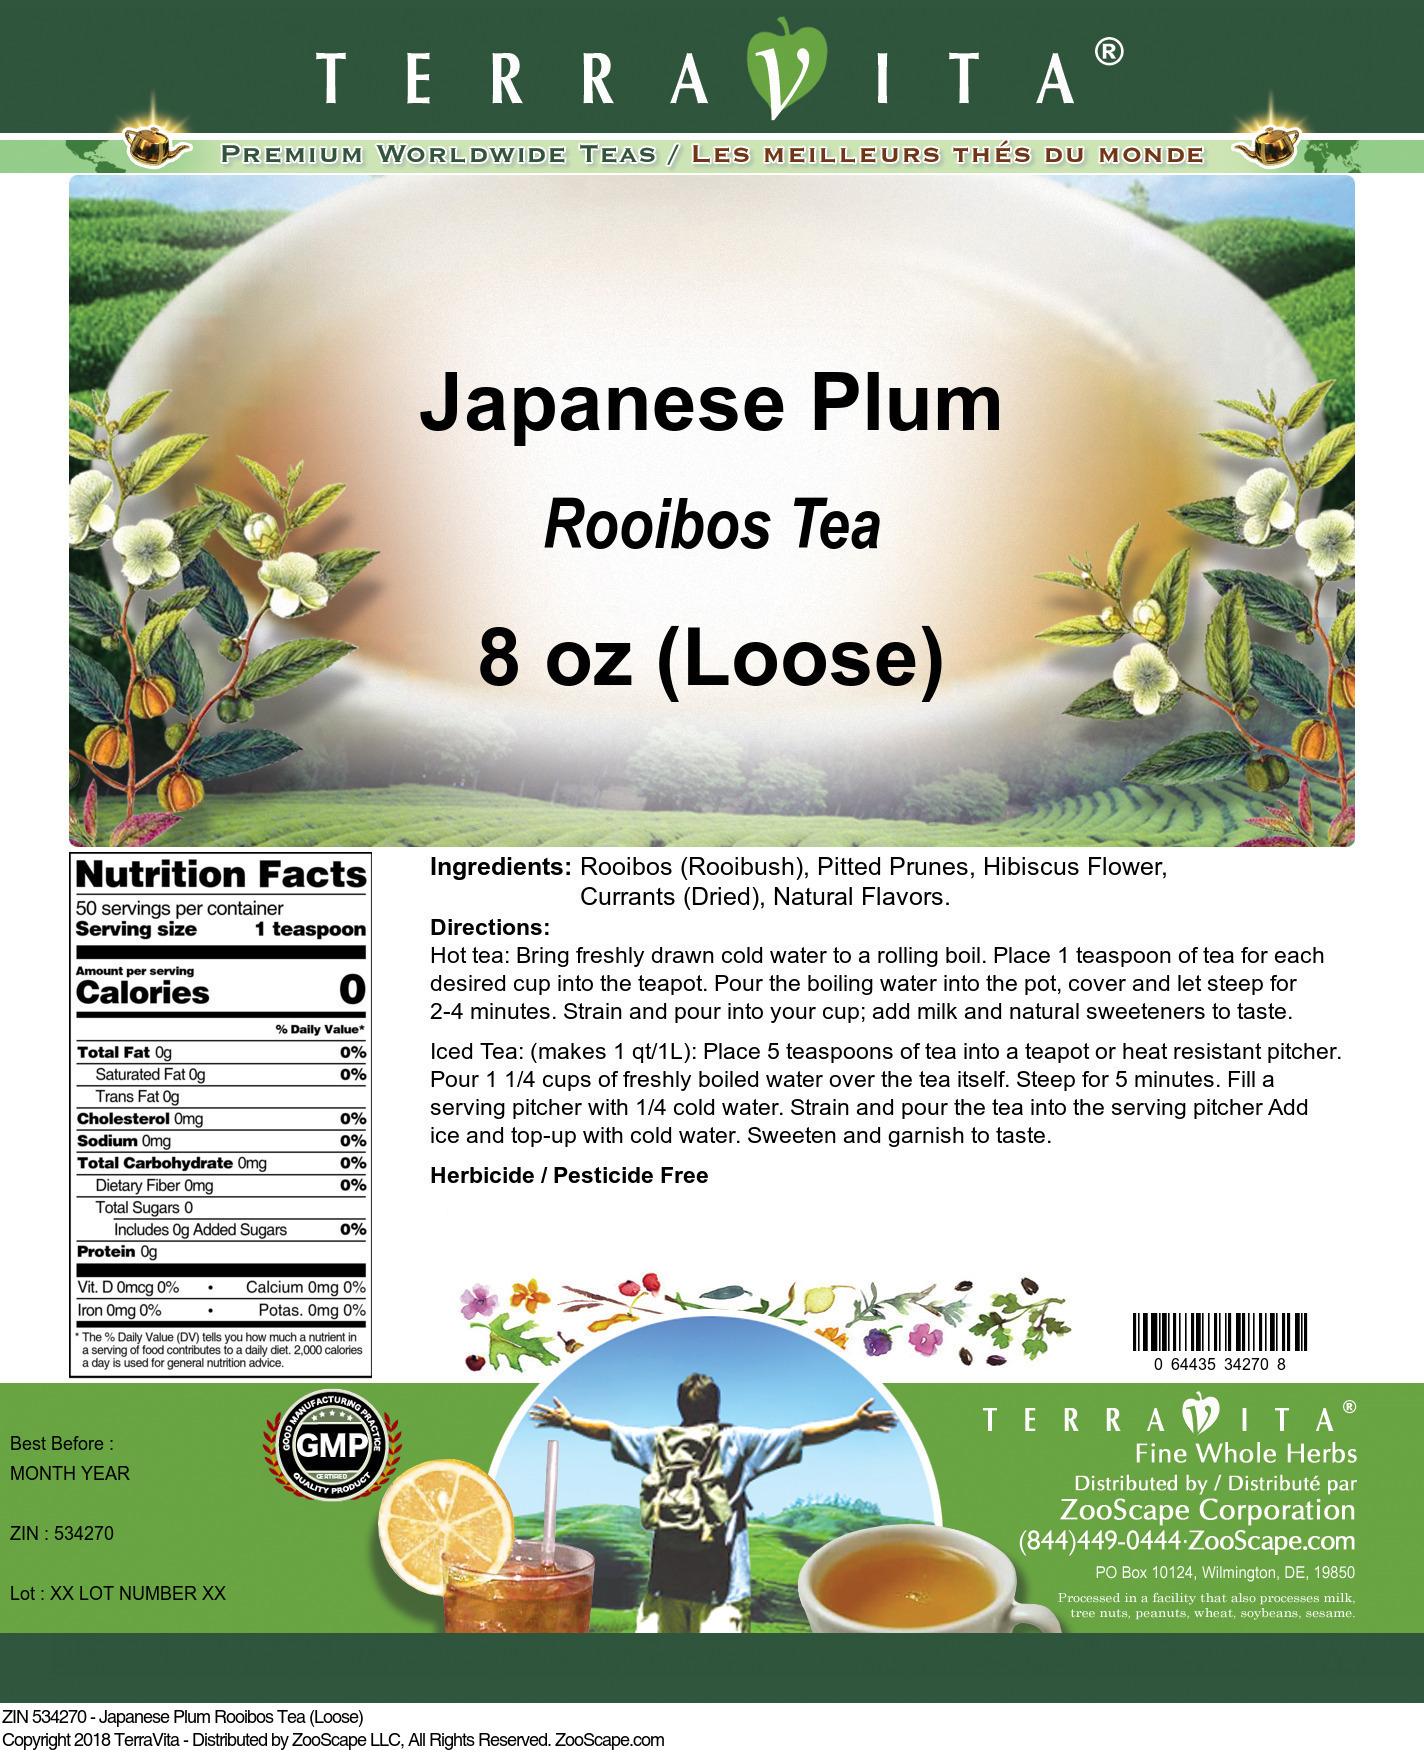 Japanese Plum Rooibos Tea